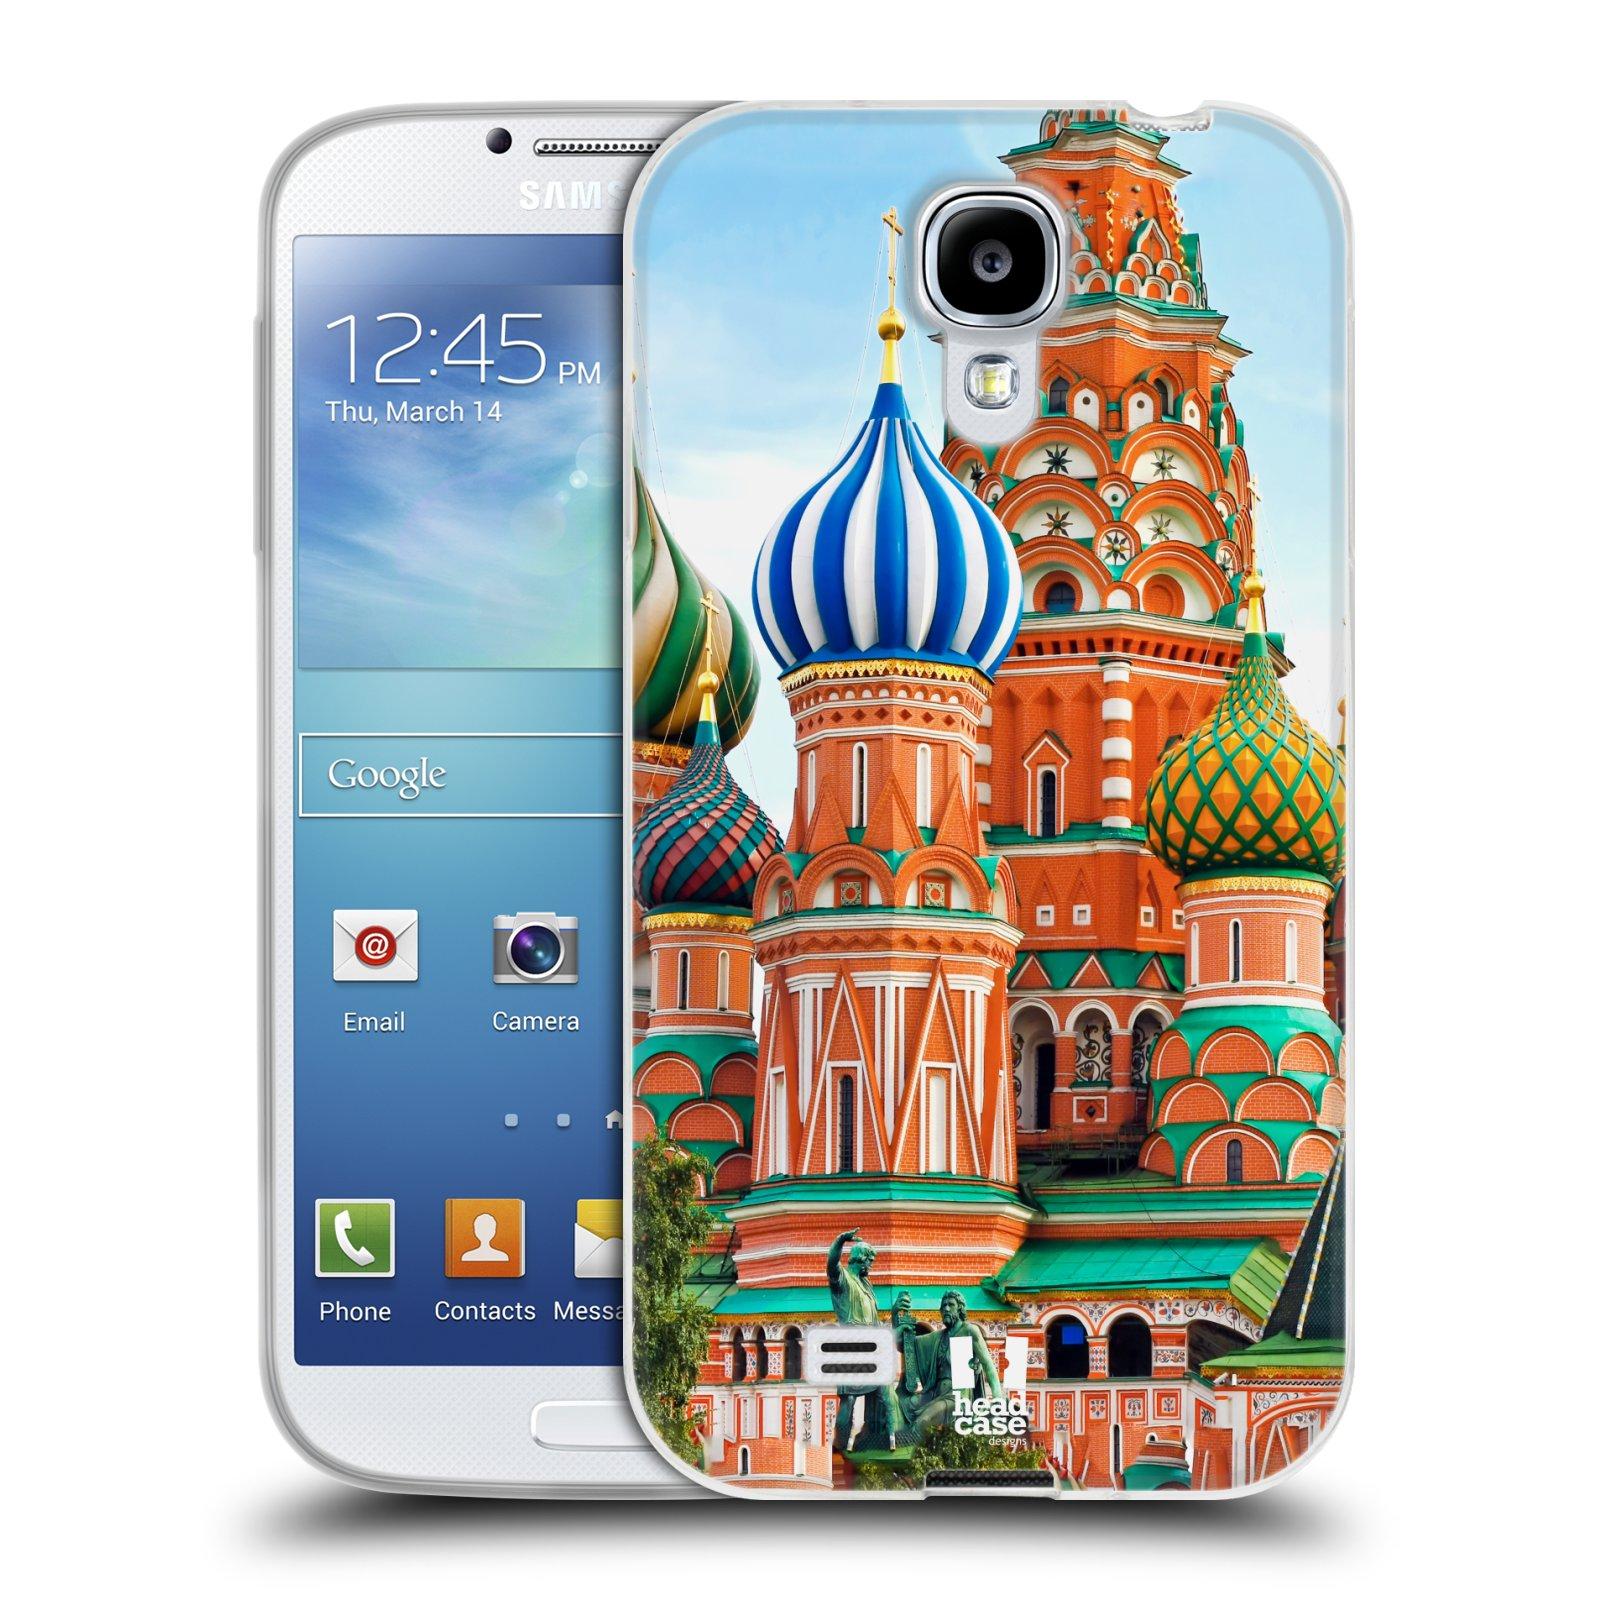 HEAD CASE silikonový obal na mobil Samsung Galaxy S4 i9500 vzor Města foto náměstí RUSKO,MOSKVA, RUDÉ NÁMĚSTÍ